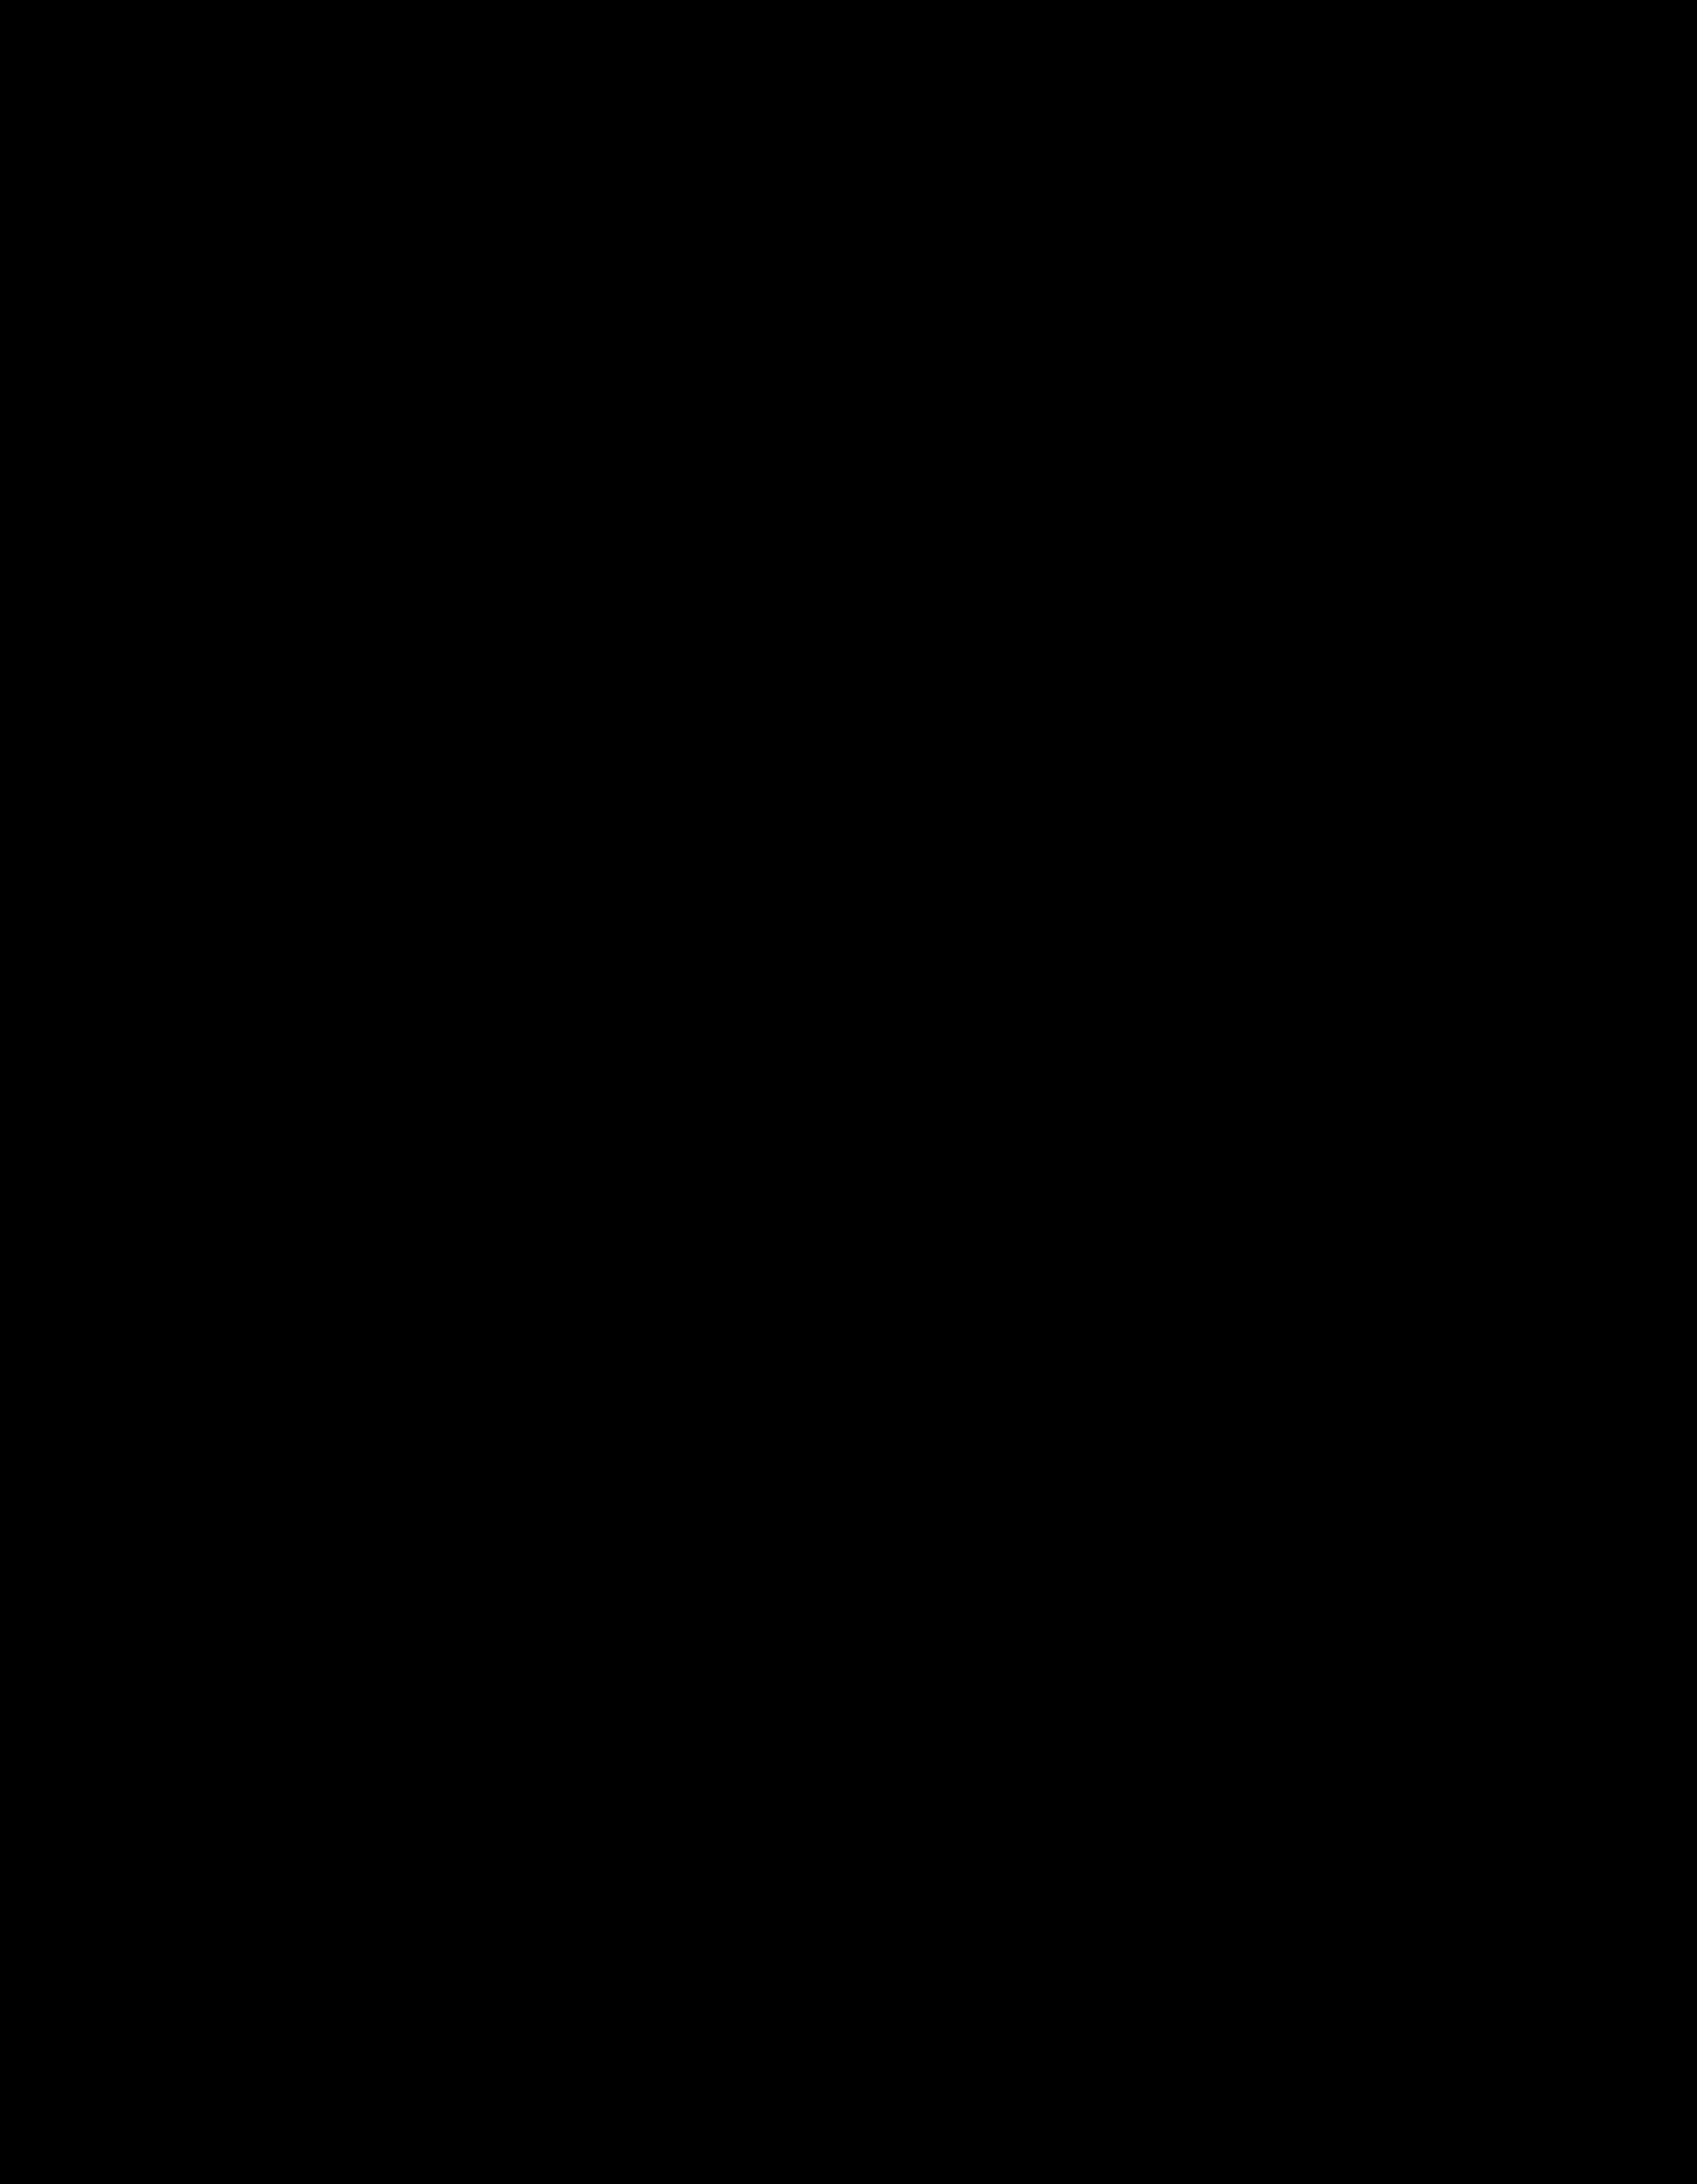 Liquiprotect - Schutzwand 800x600